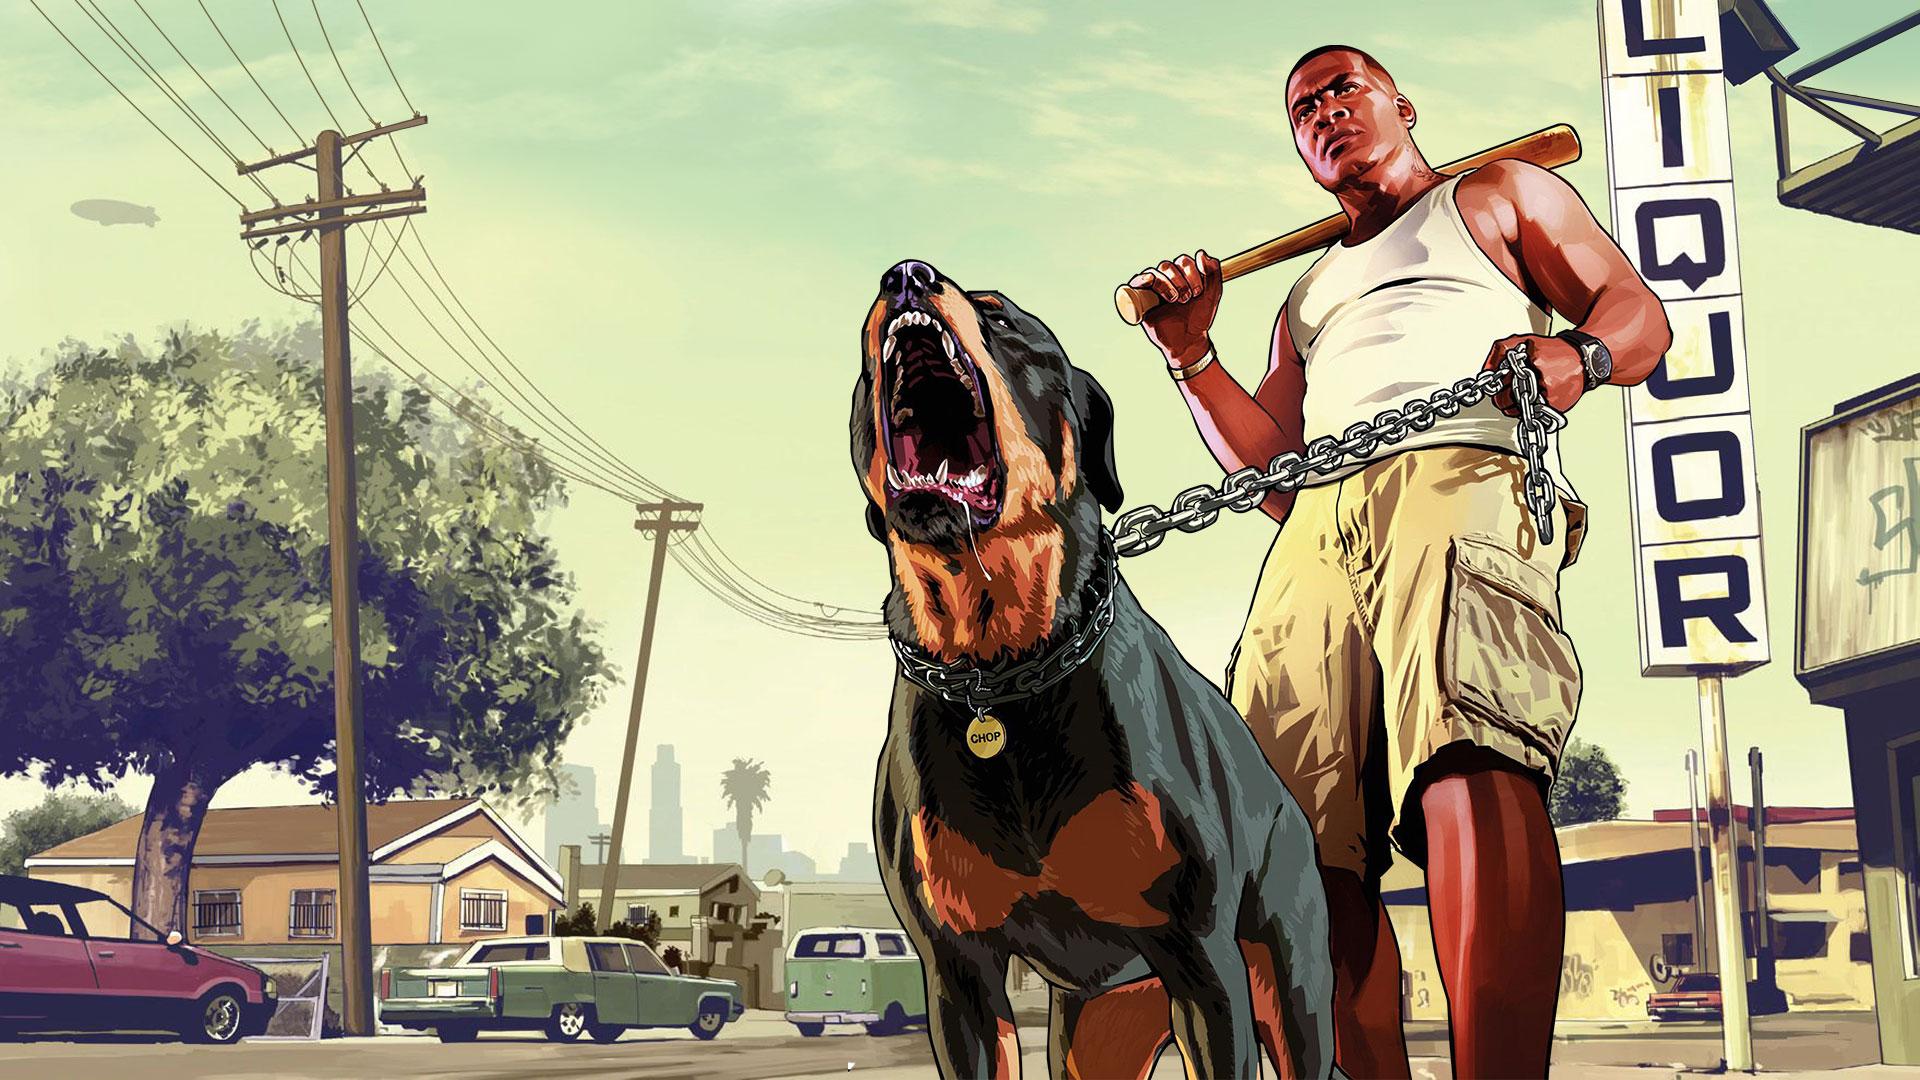 Grand Theft Auto V-ek Xbox Game Pass katalogoarekin bat egin du.  Gaur joko duzu